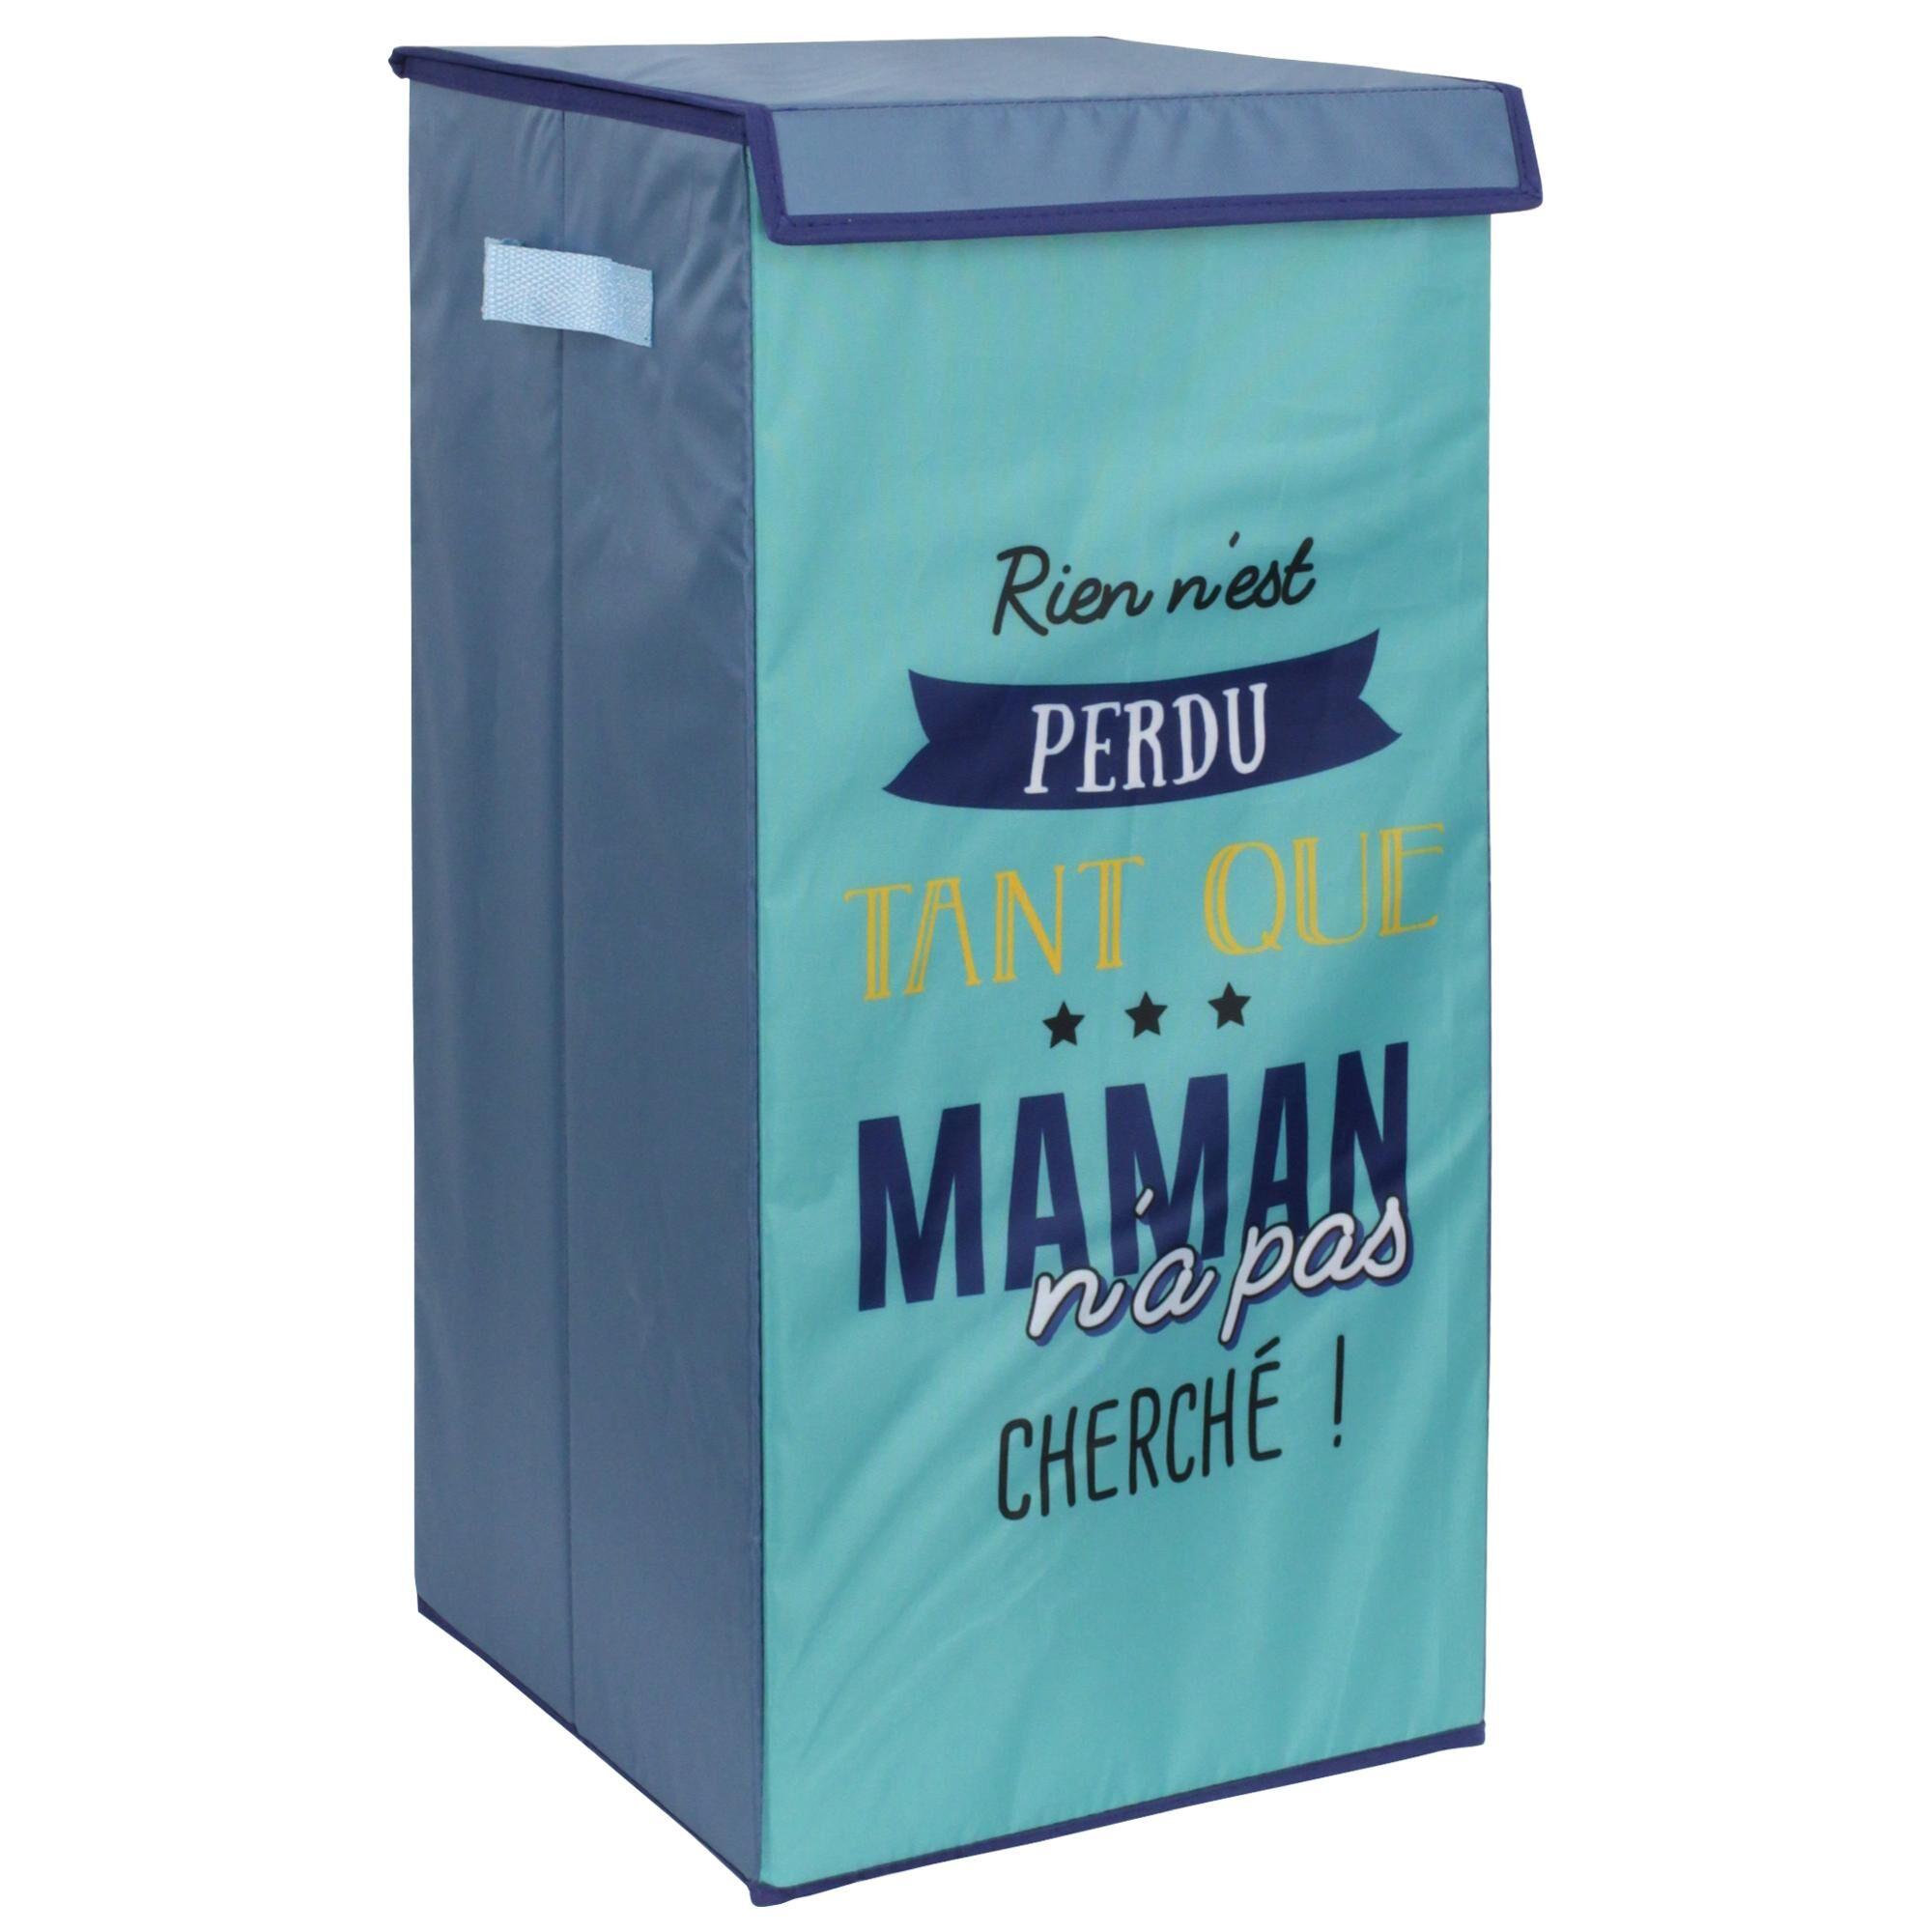 Linnea Panier à linge cartonnée avec couvercle 54L bleu Rien n'est perdu tant que maman n'a pas cherché